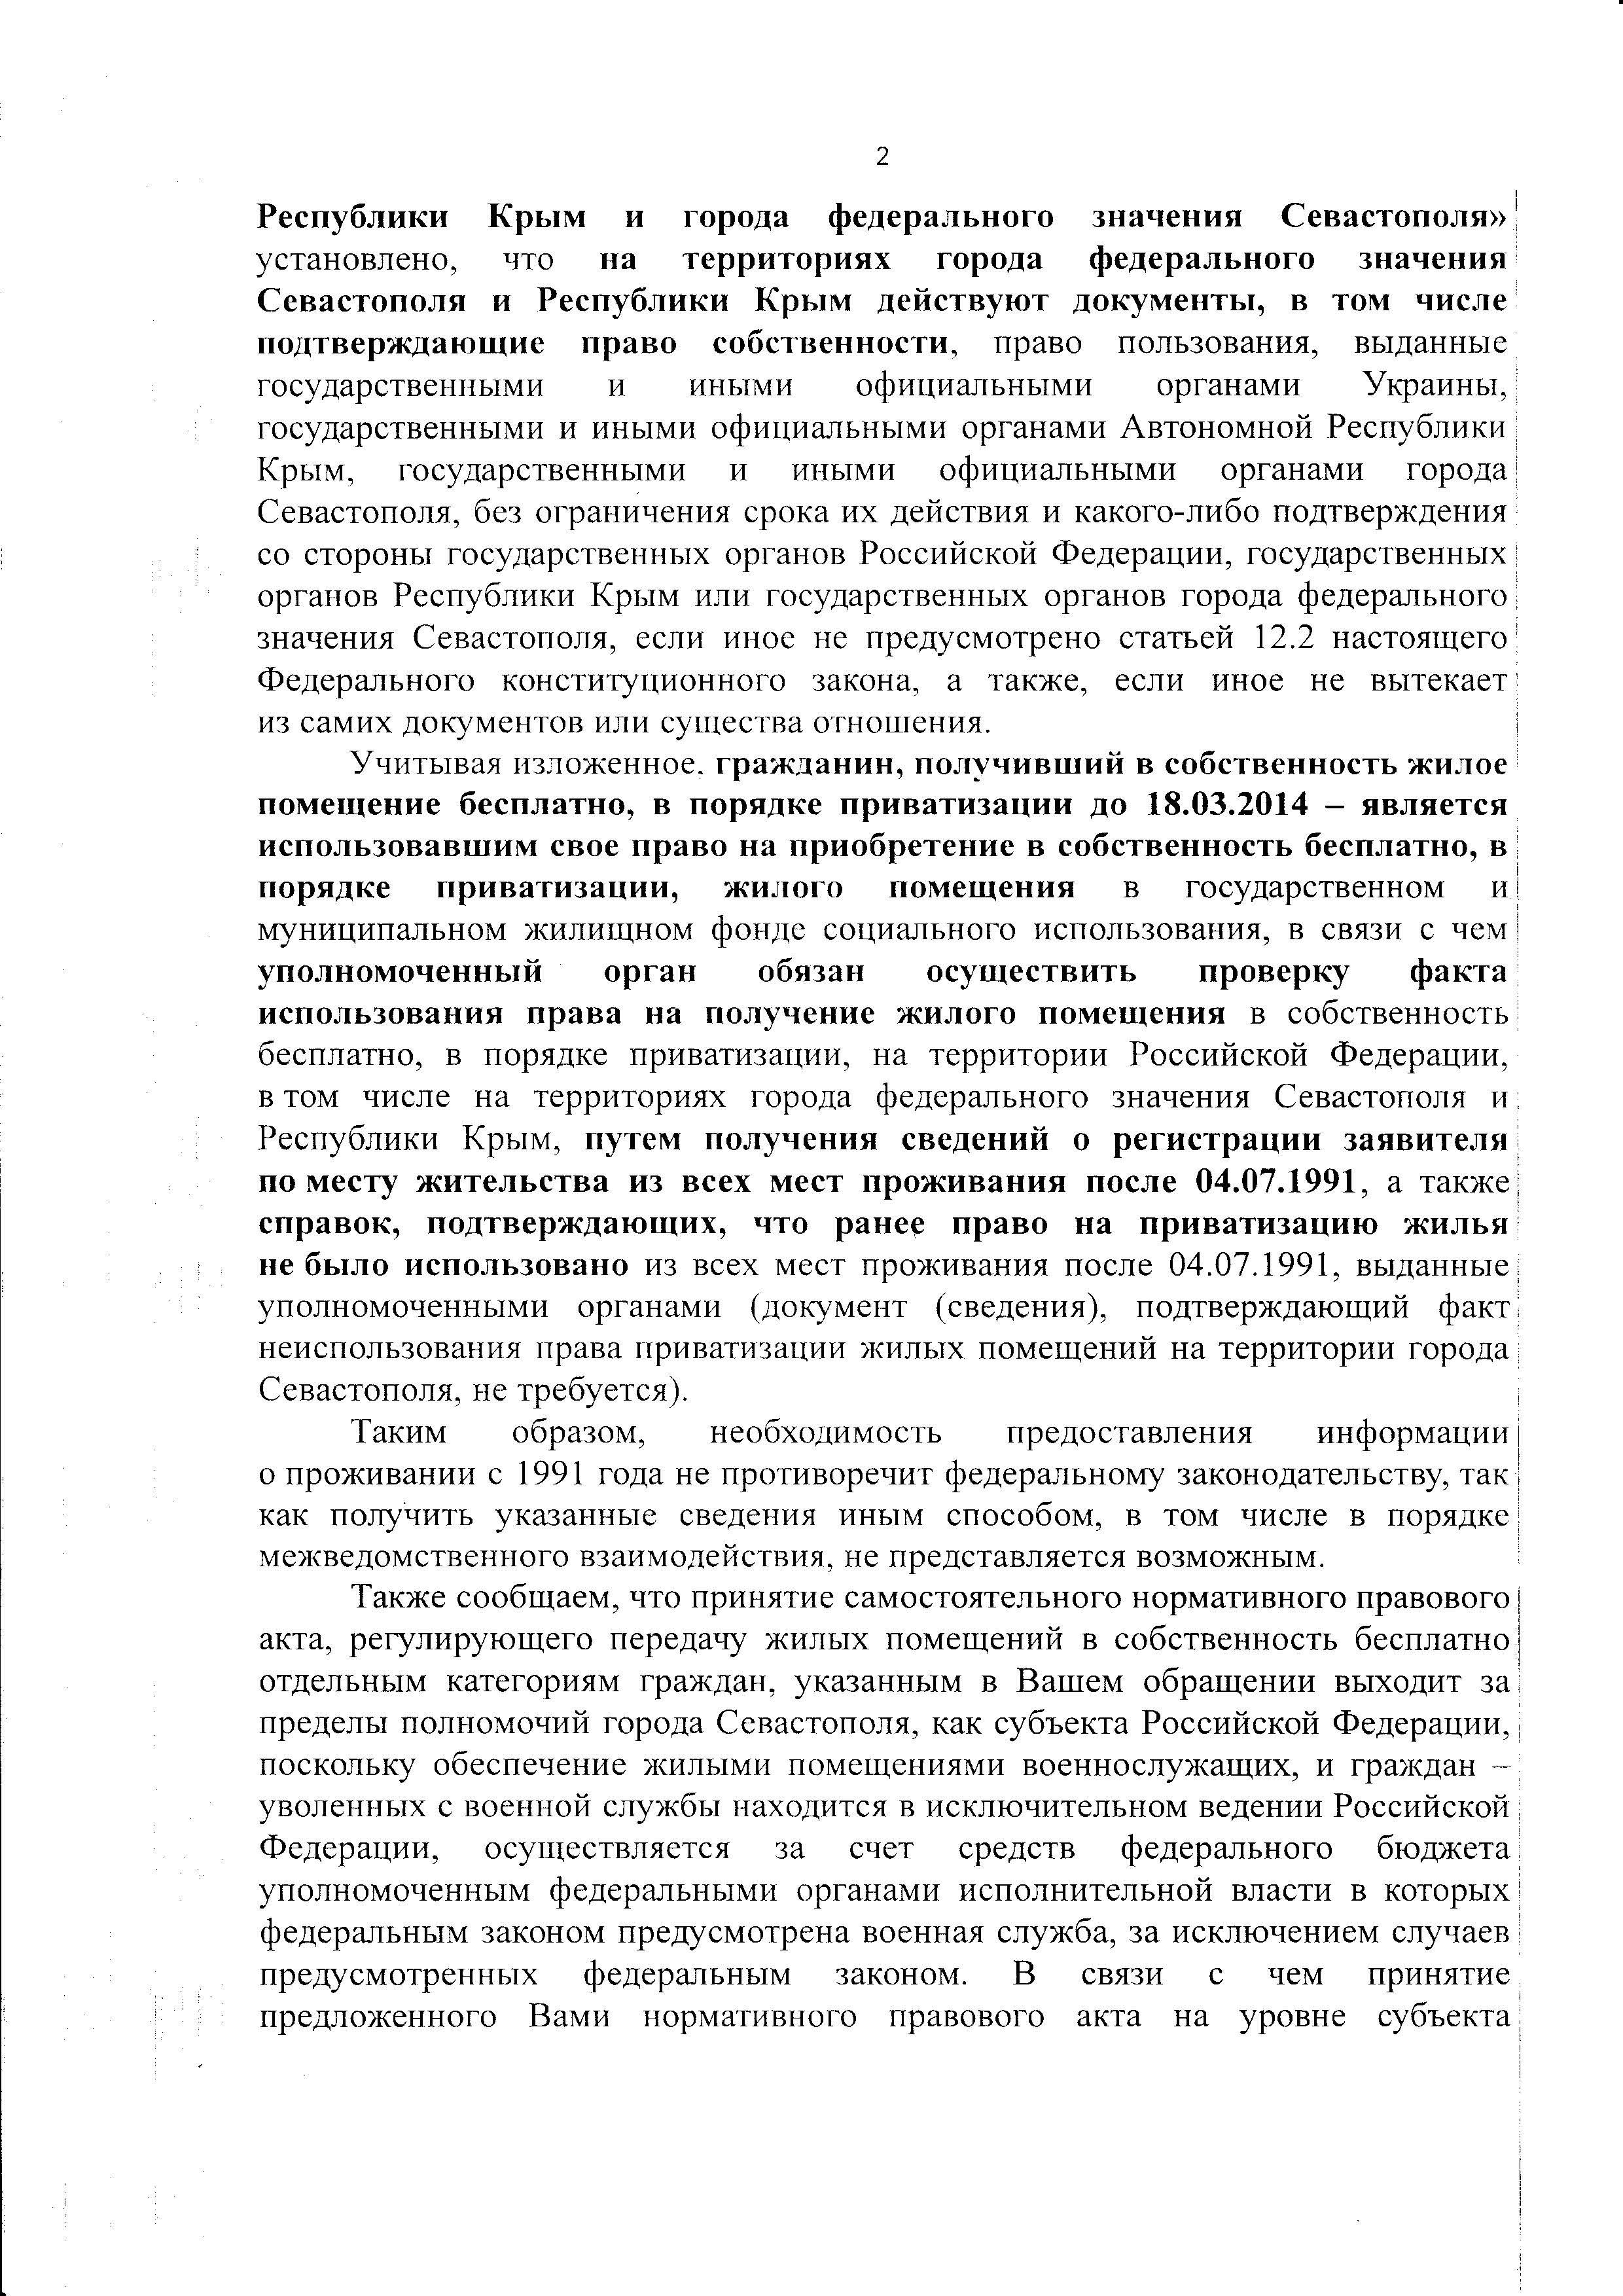 НА ФОРУМ МАРТ_Страница_09.jpg